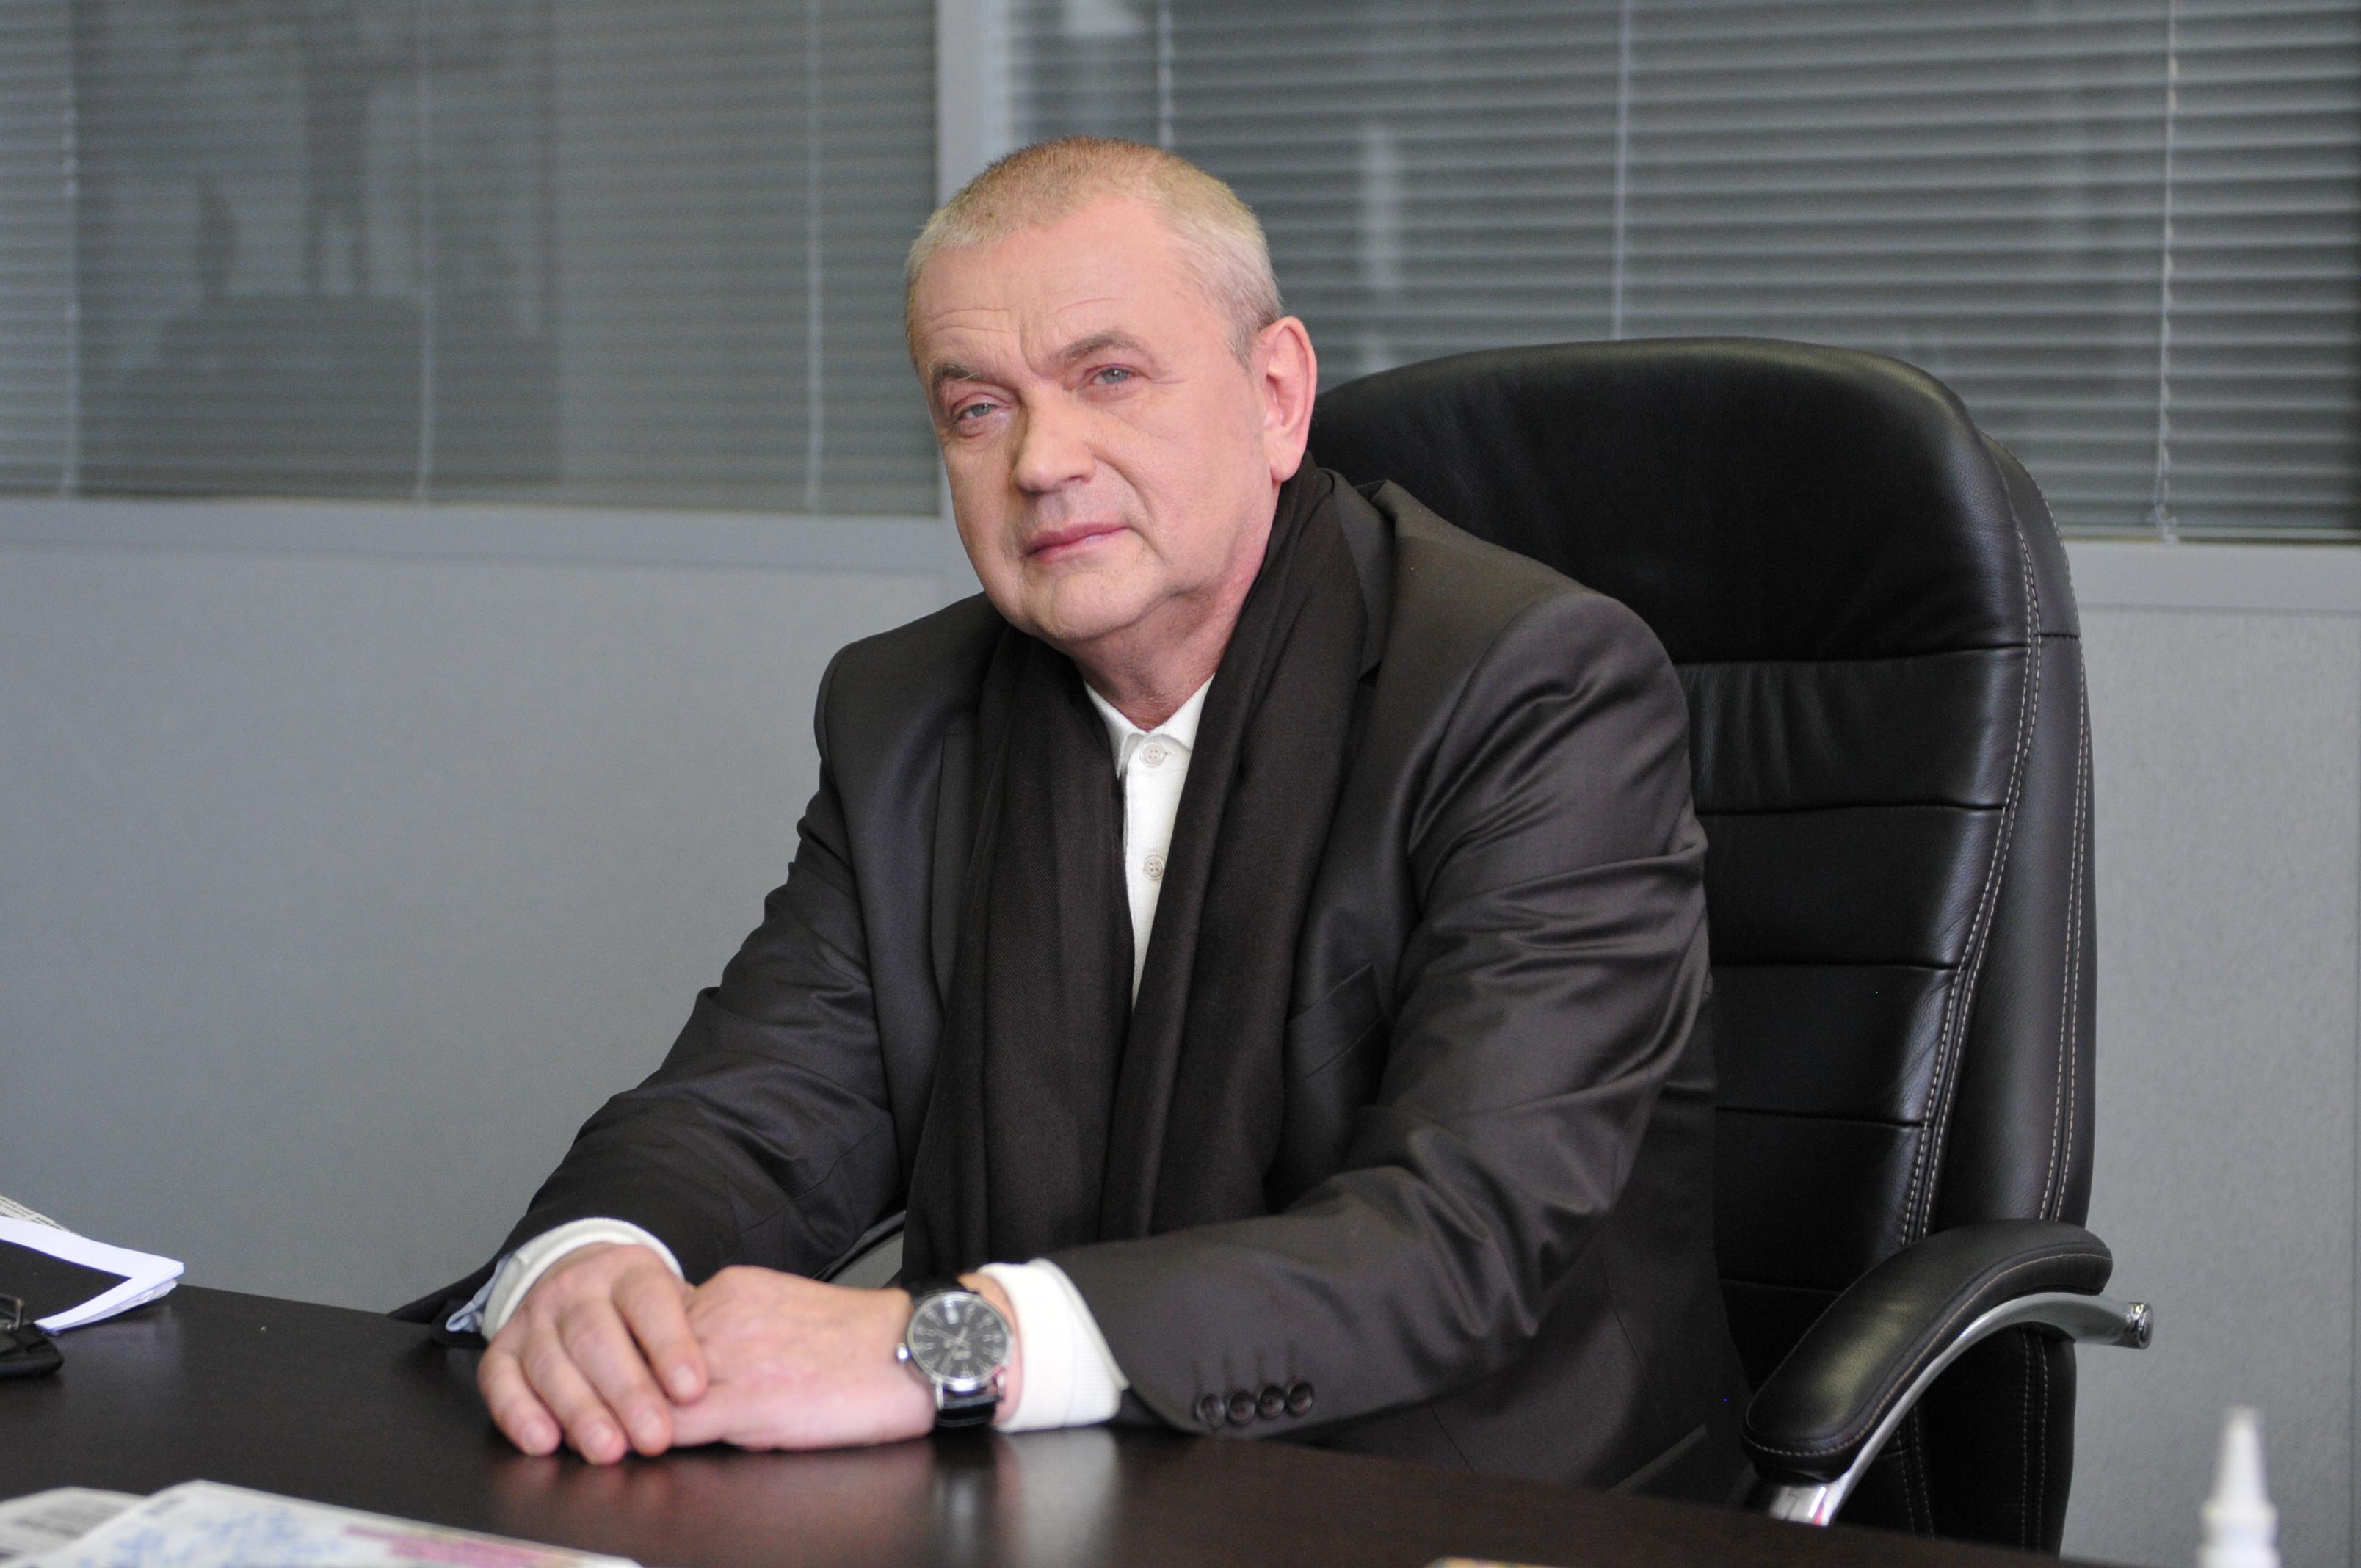 — Новая Москва обладает огромным потенциалом для развития, на присоединенных территориях можно строить новое и сохранять уникальную старину.